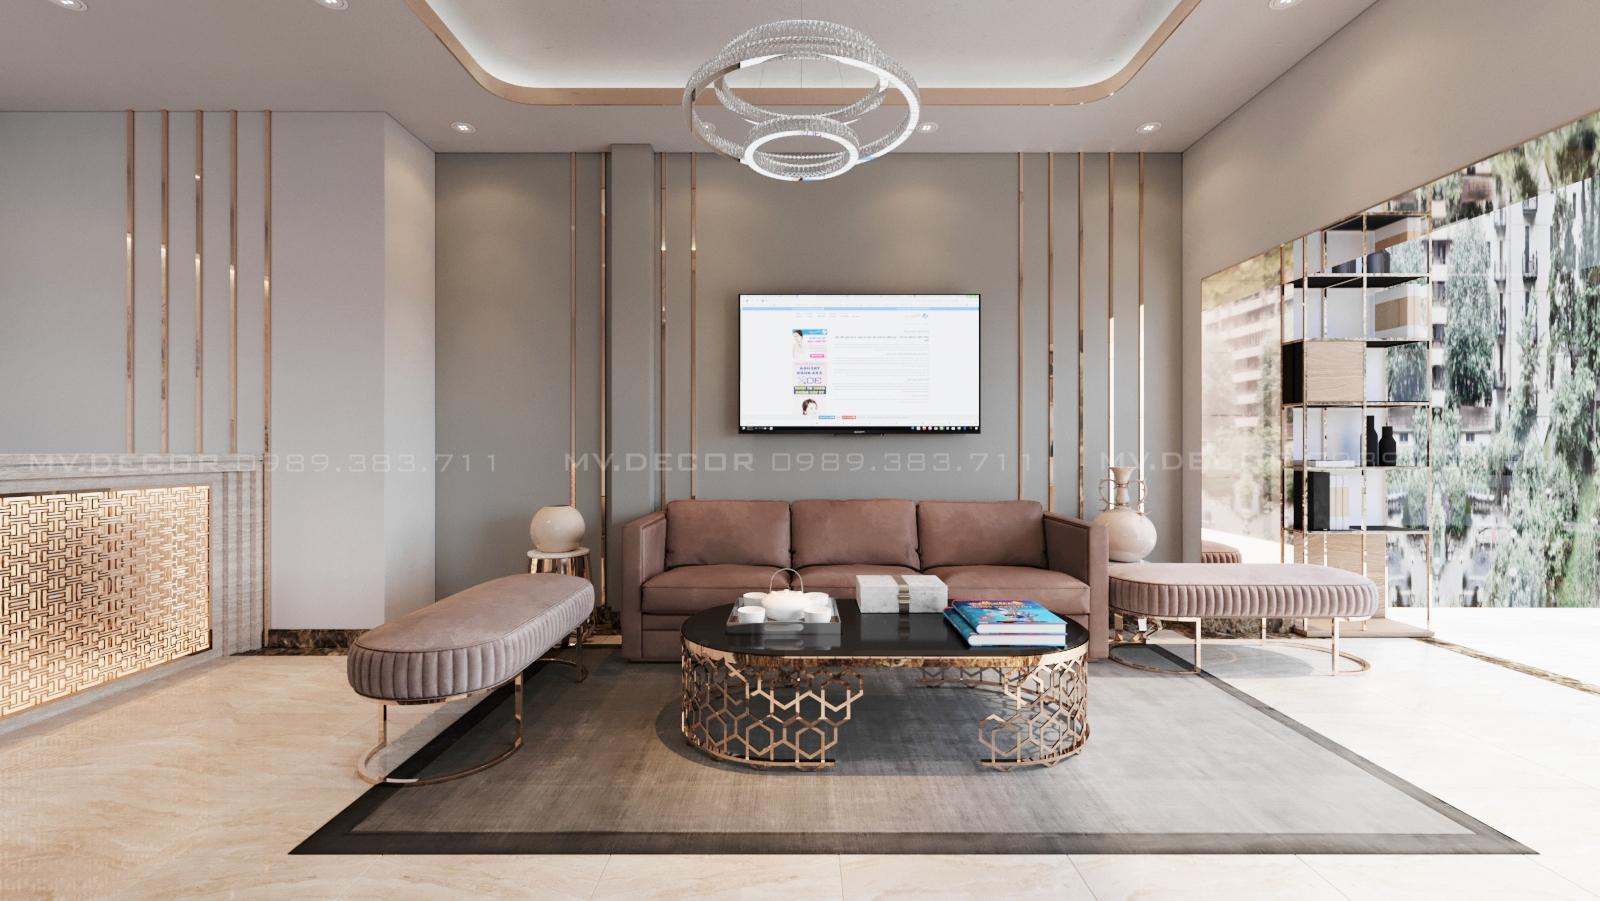 thiết kế nội thất Spa tại Hồ Chí Minh CHI NHÁNH MI HƯƠNG SPA HỒ CHÍ MINH 1 1562719796